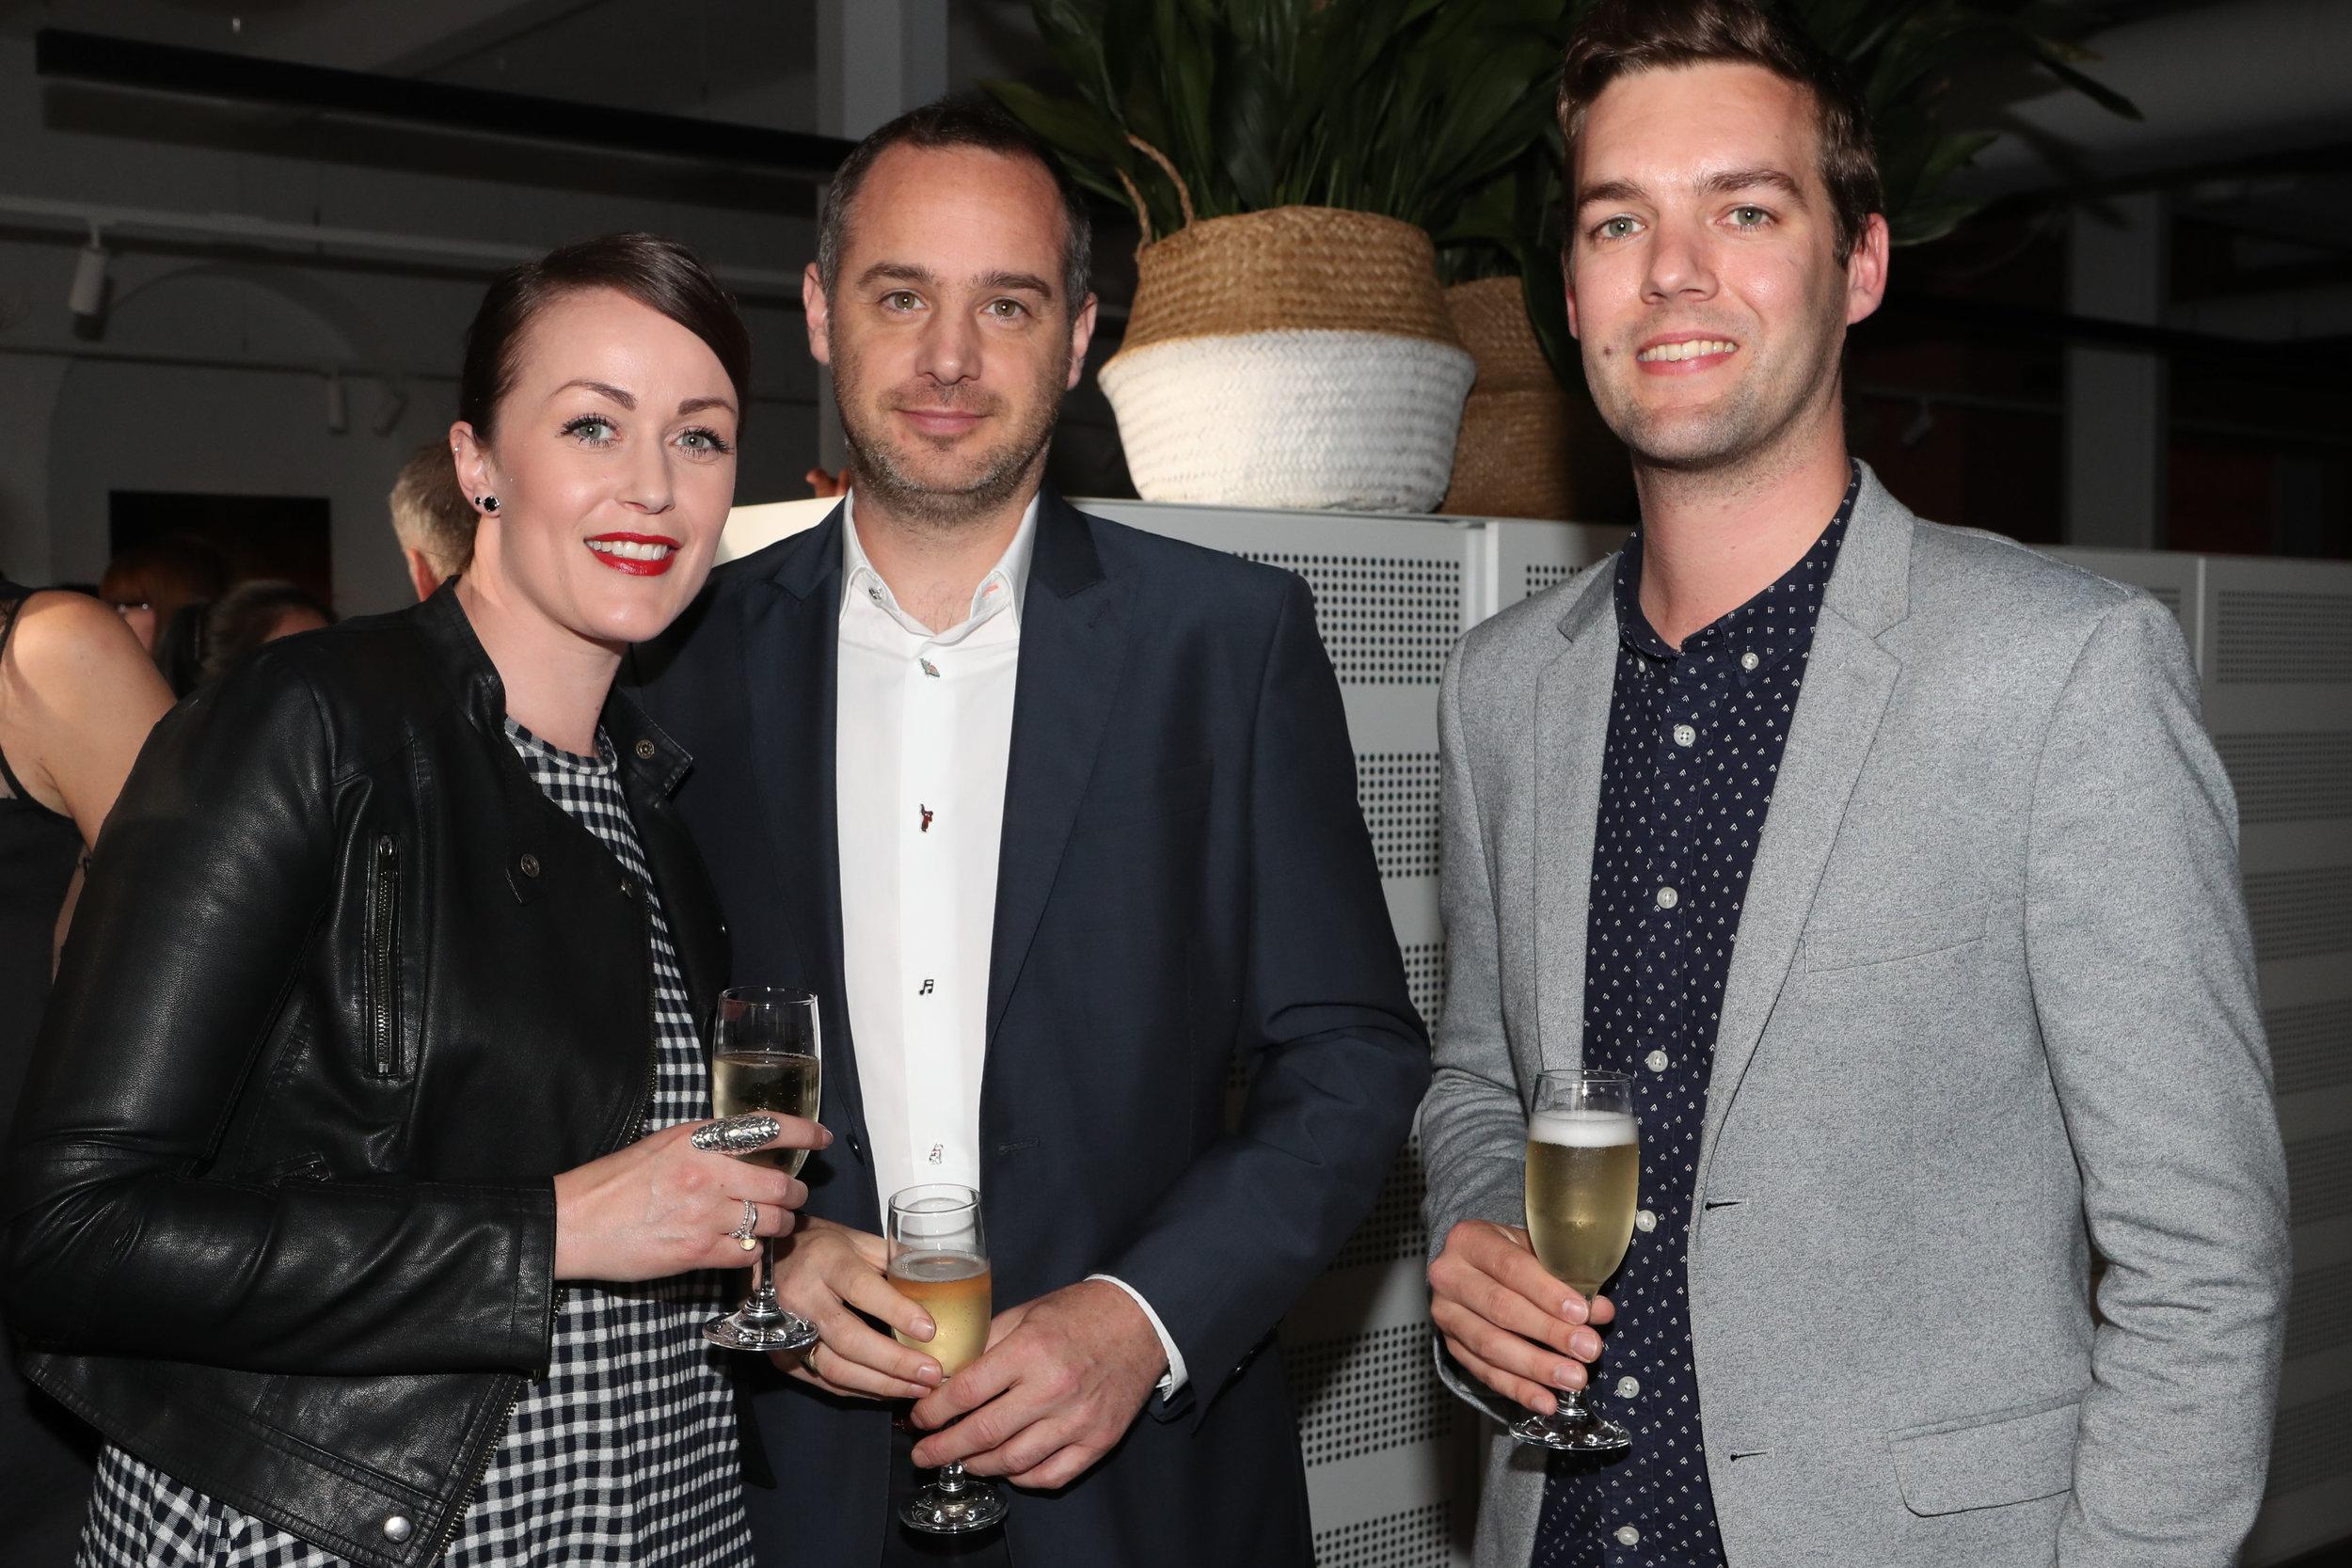 Kate McCluskey, Nigel Morris and Beaudene Fulwood.jpg